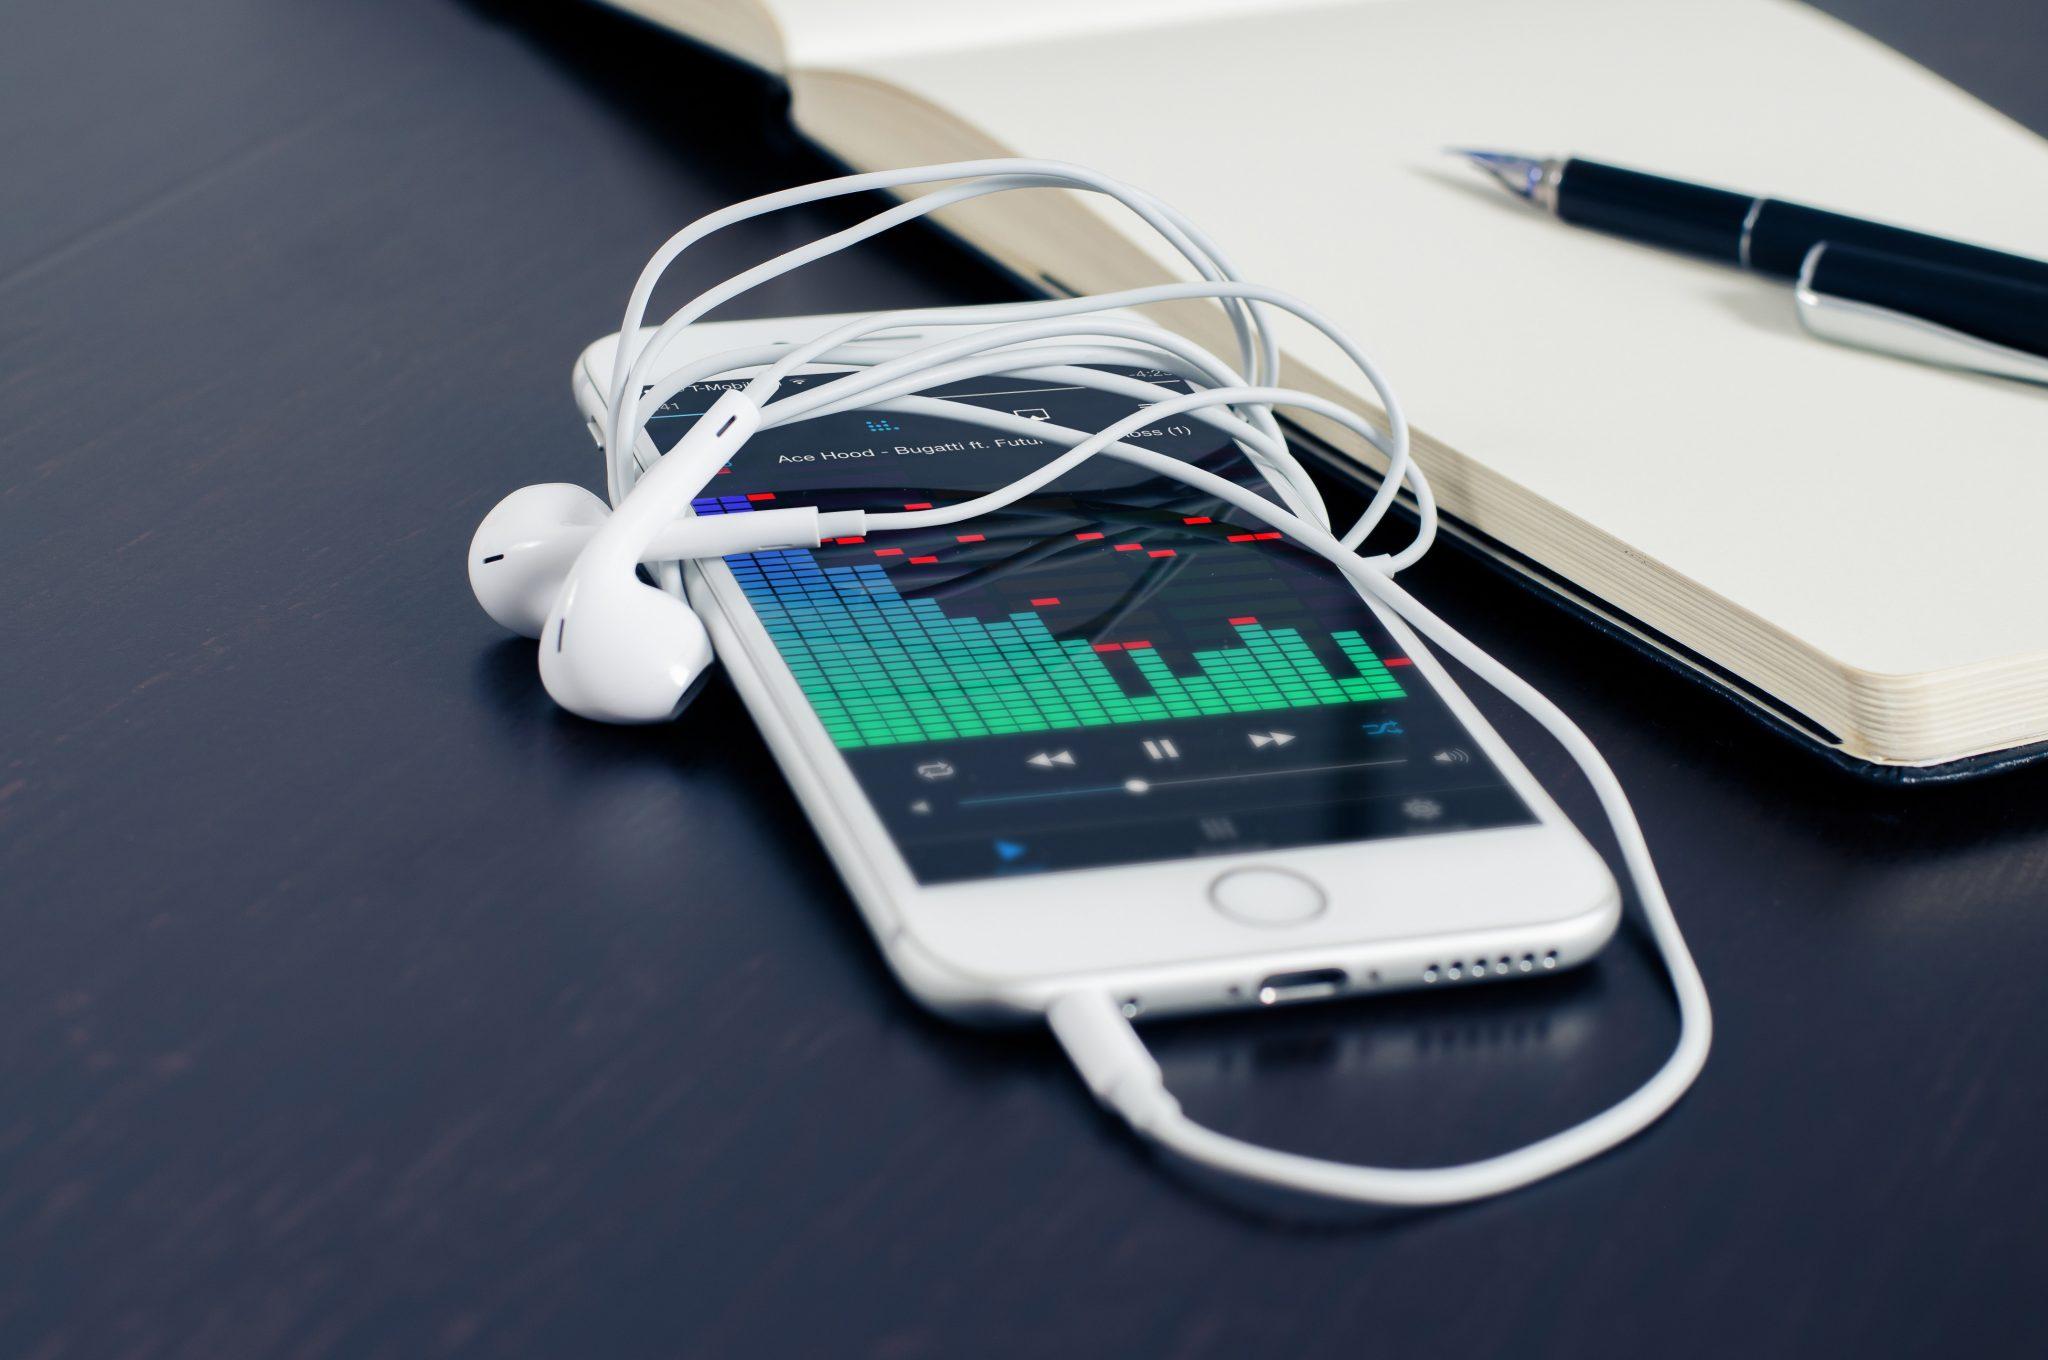 iPod playing music